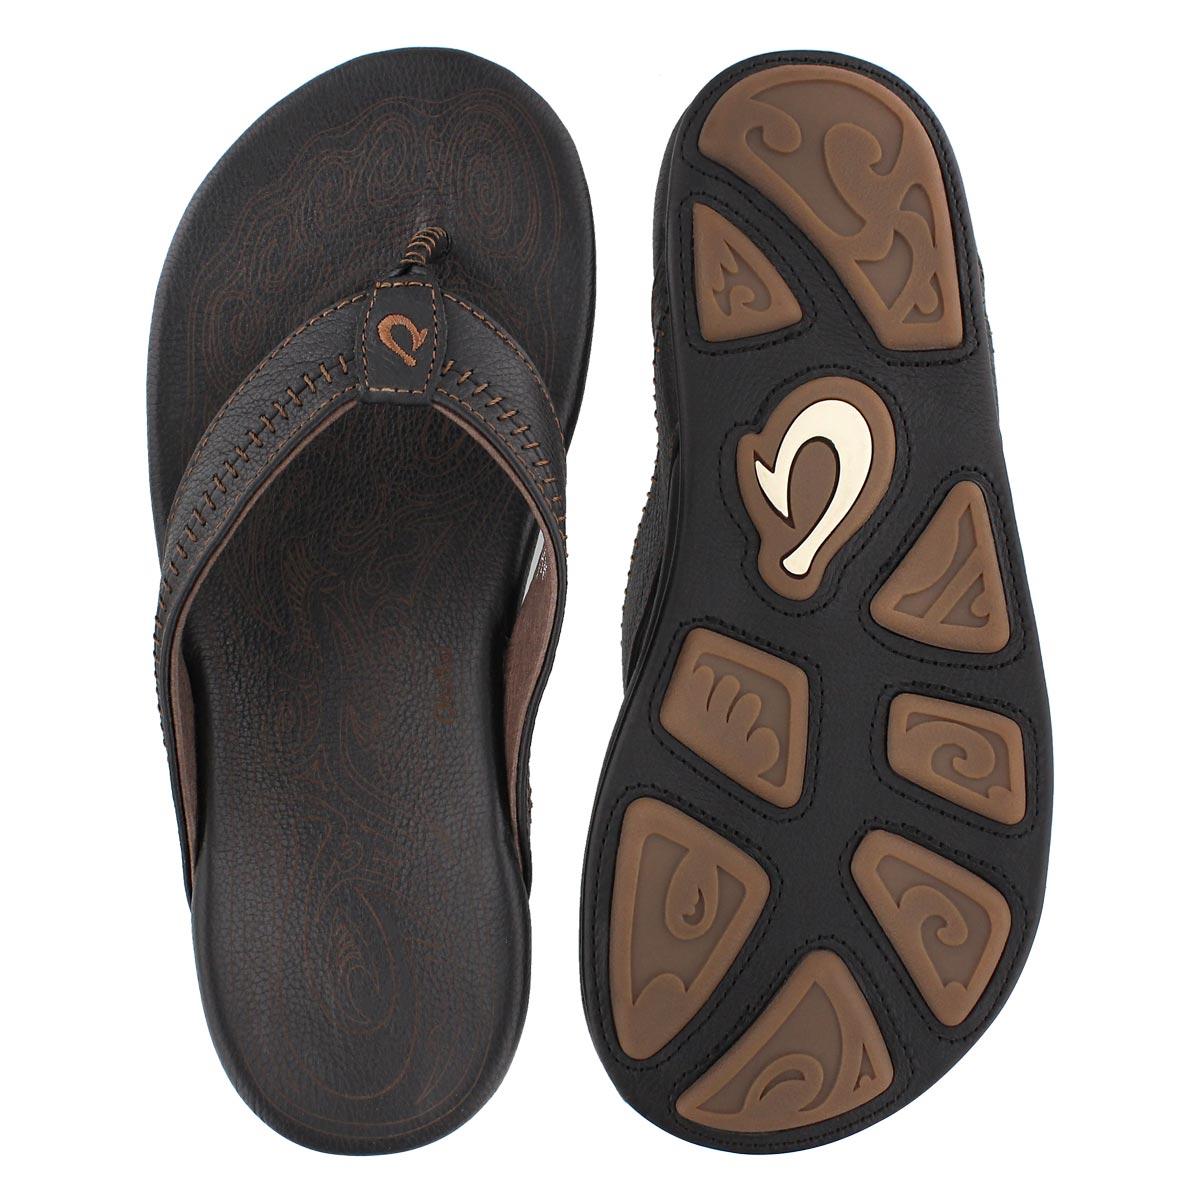 Mns Hiapo black/black thong sandal